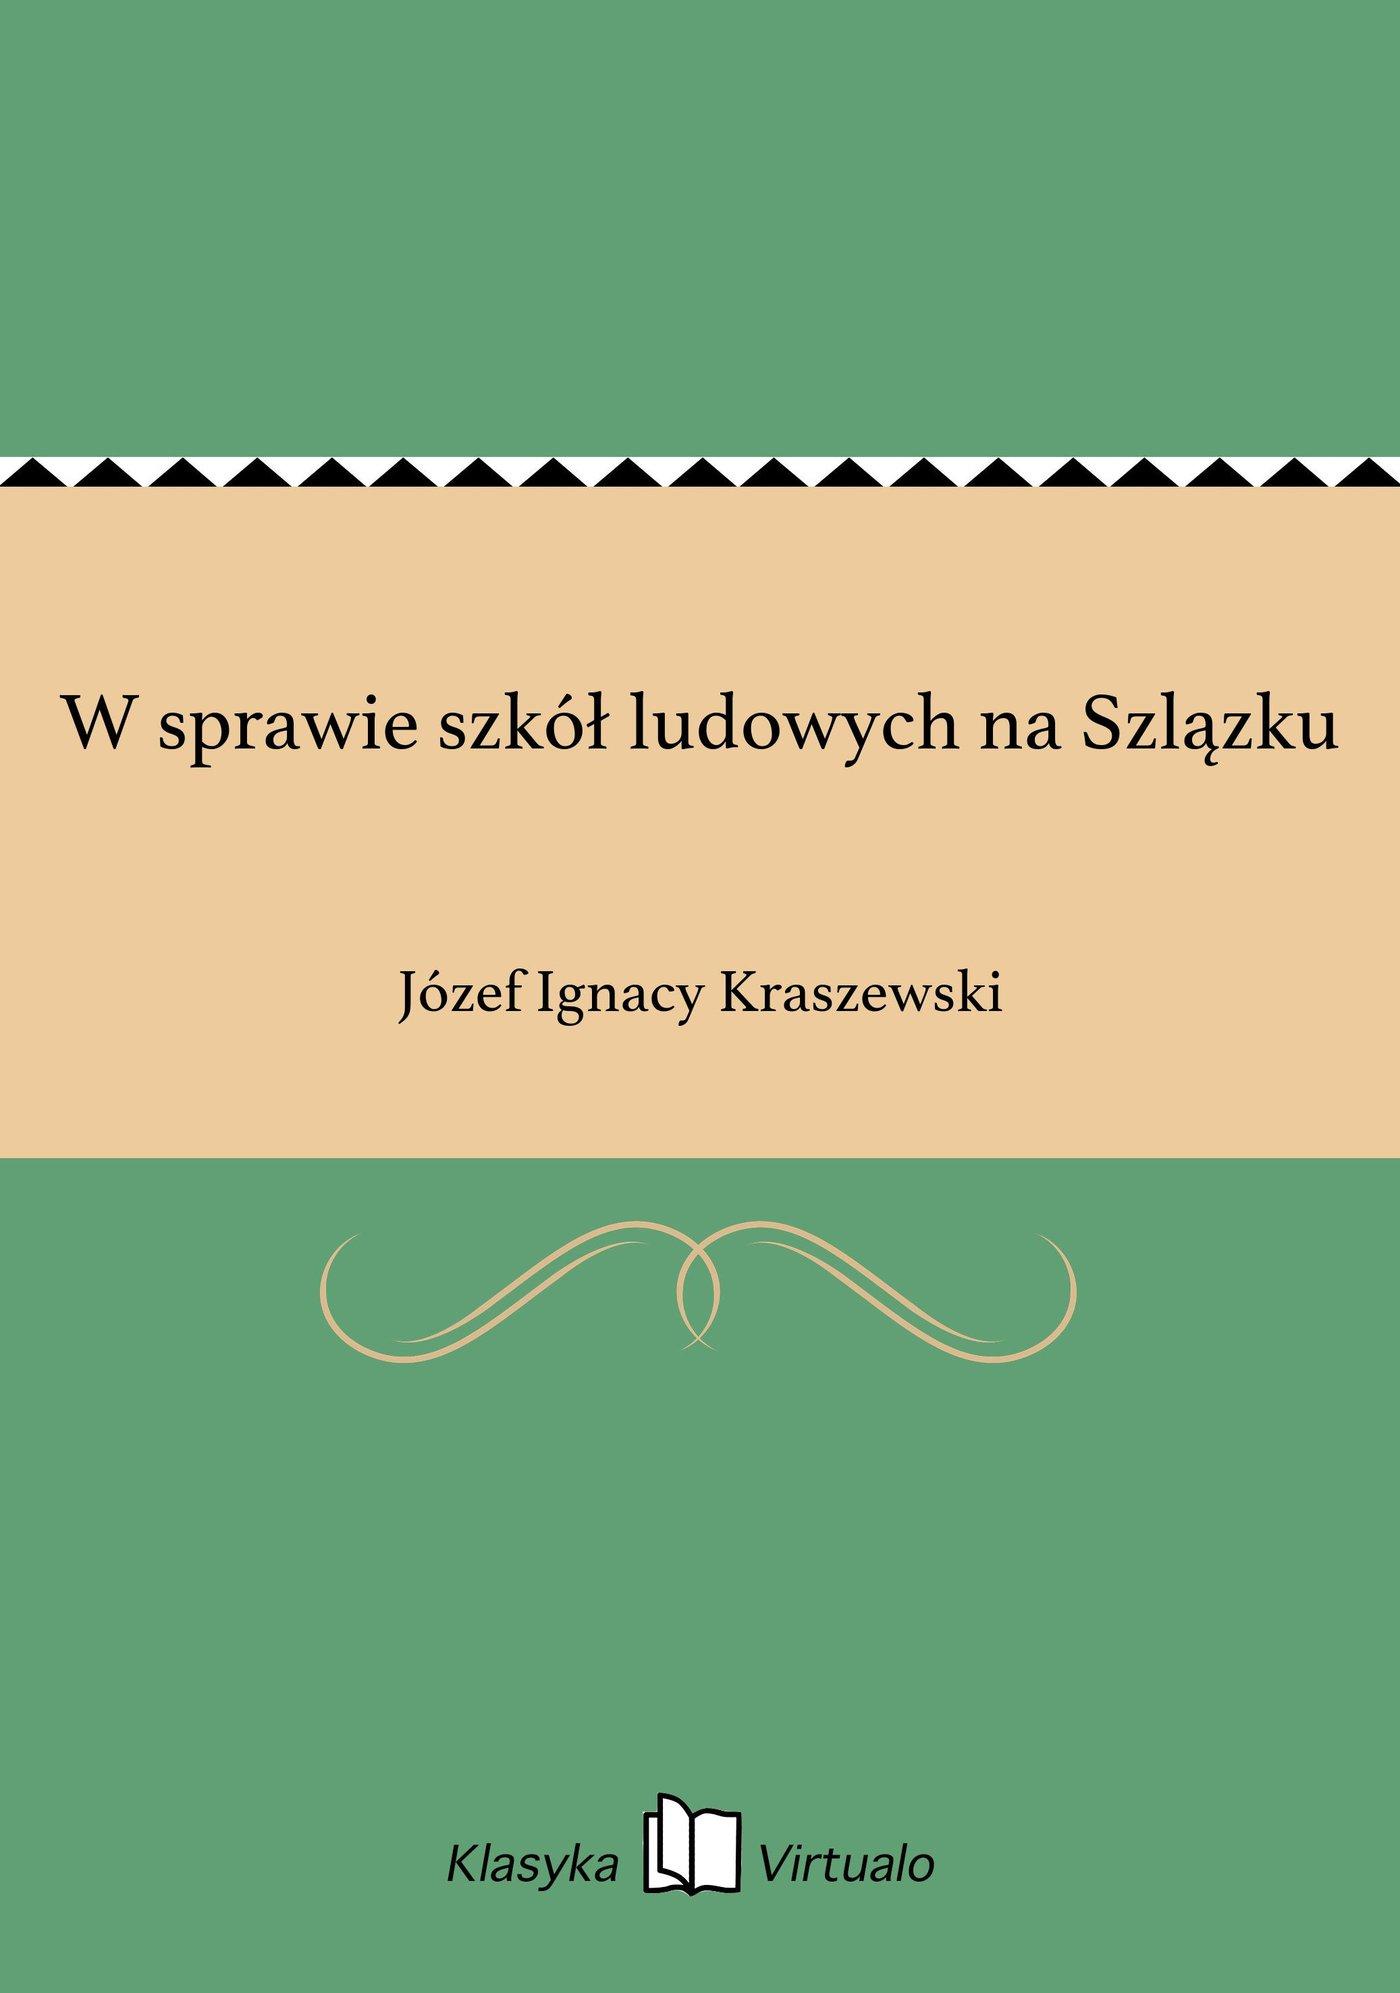 W sprawie szkół ludowych na Szlązku - Ebook (Książka EPUB) do pobrania w formacie EPUB